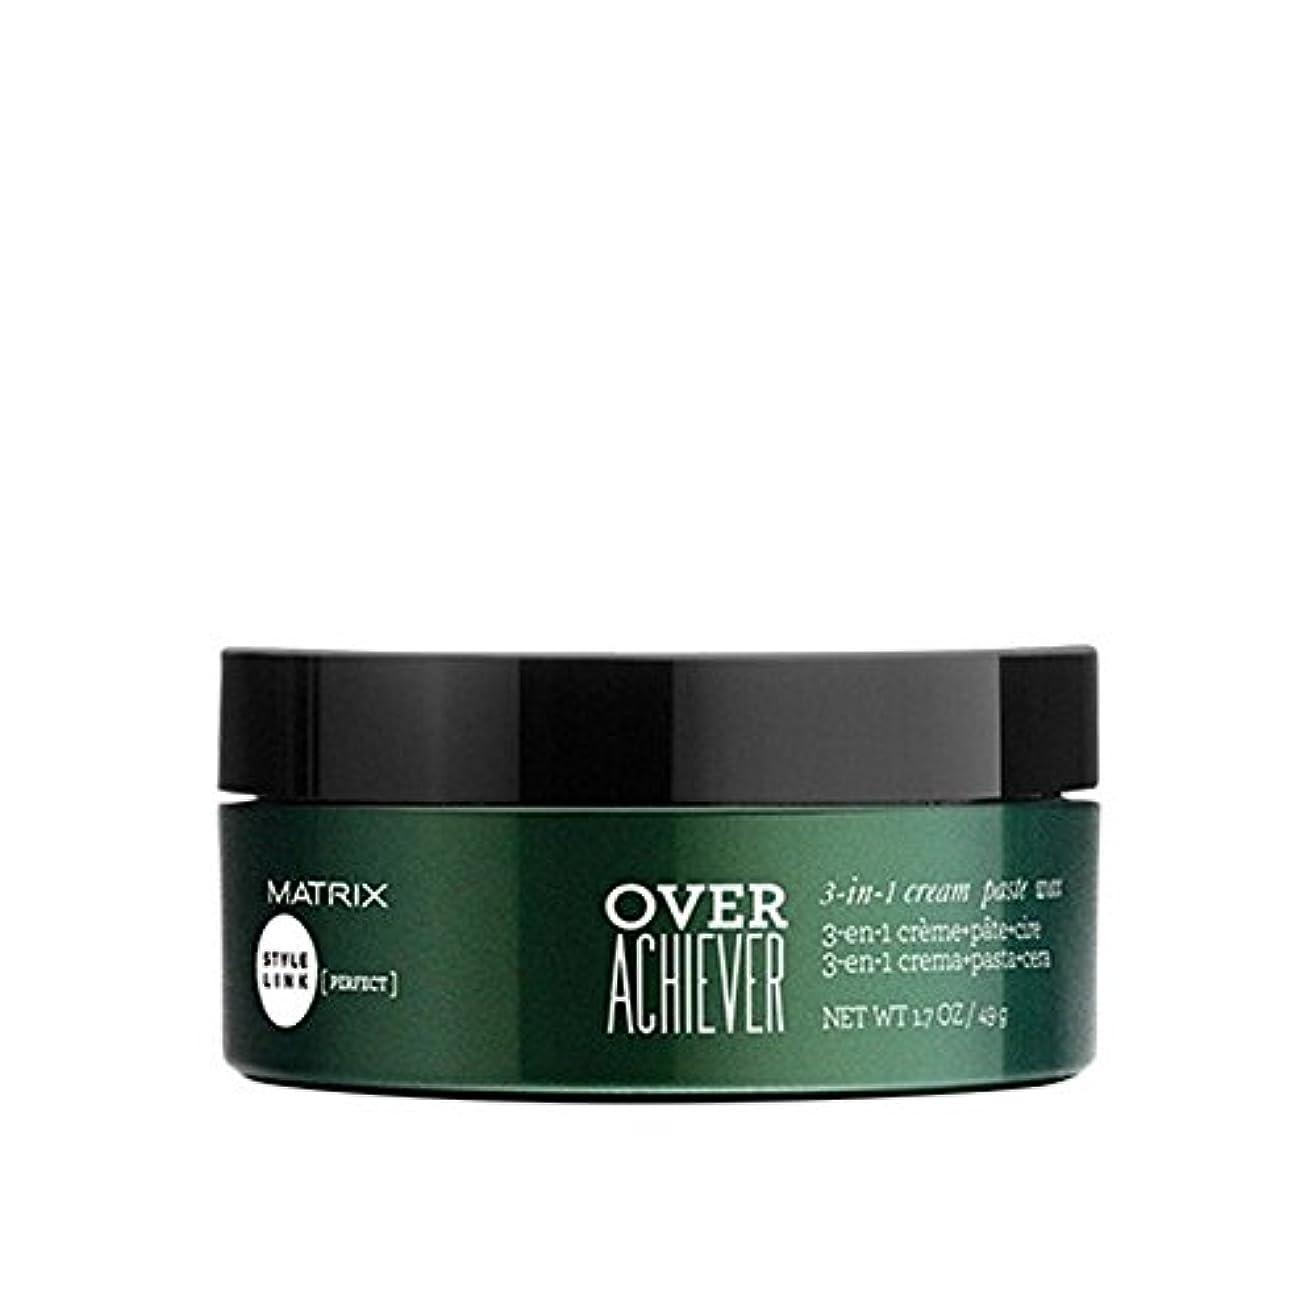 カナダ必需品添付Matrix Biolage Style Link Over Achiever 3-In-1 Cream, Paste And Wax - 達成者3イン1クリーム、ペーストワックスを超える行列バイオレイジスタイルリンク...